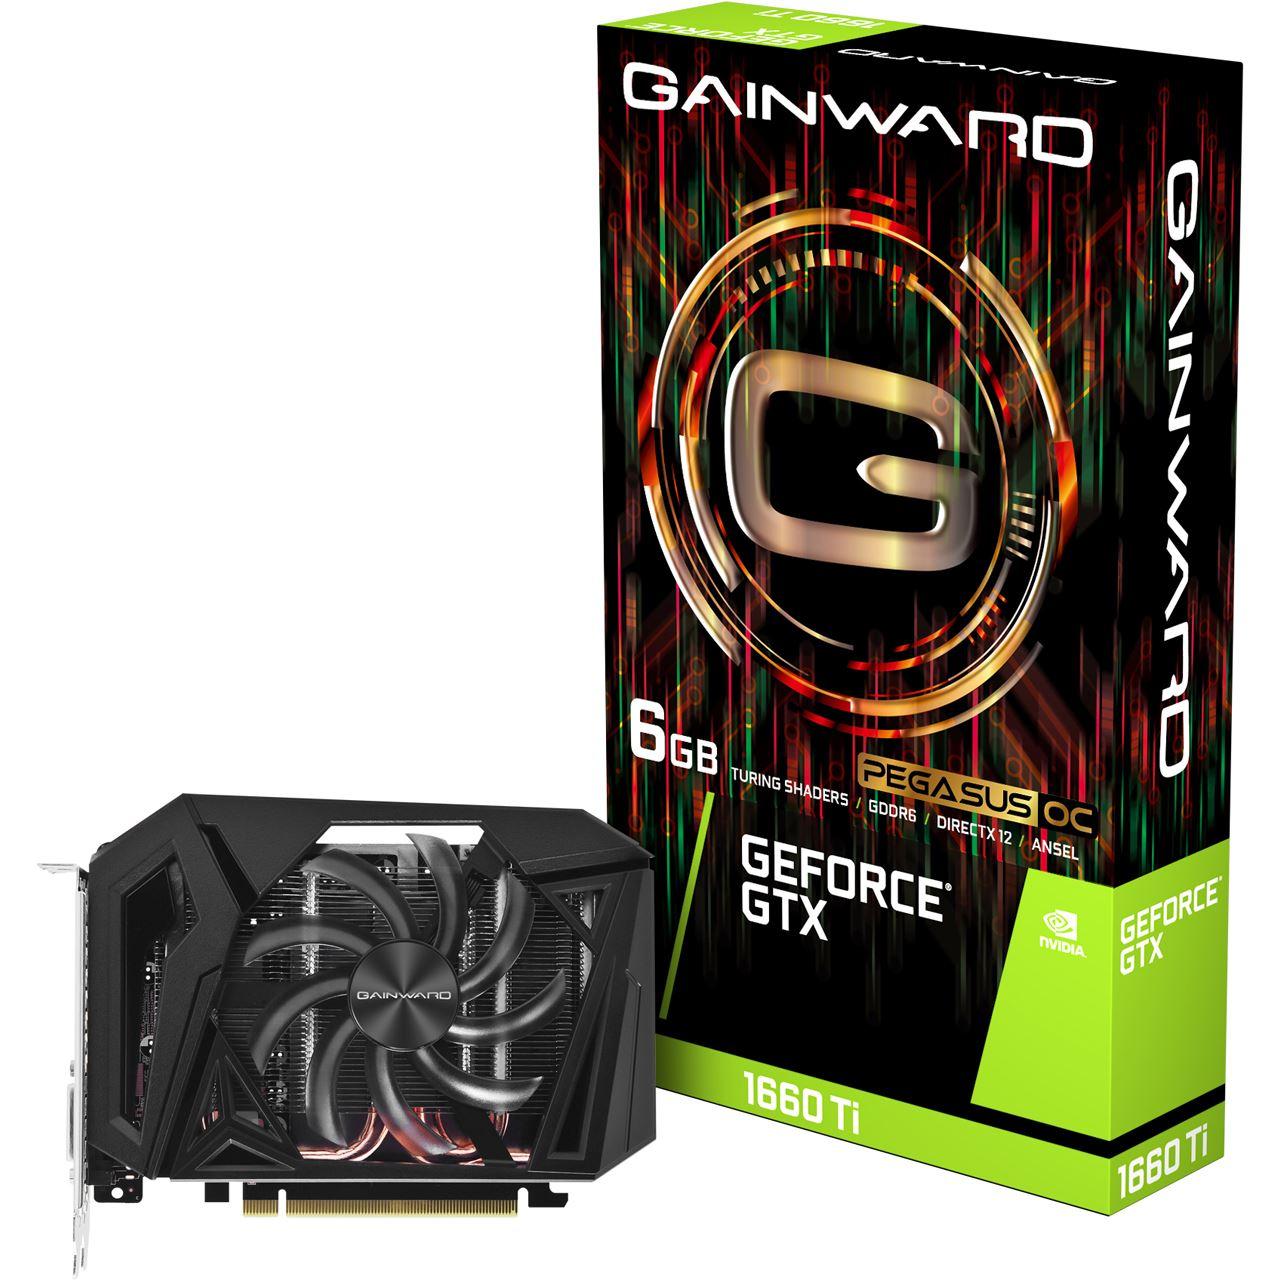 Gainward GTX 1660 Ti